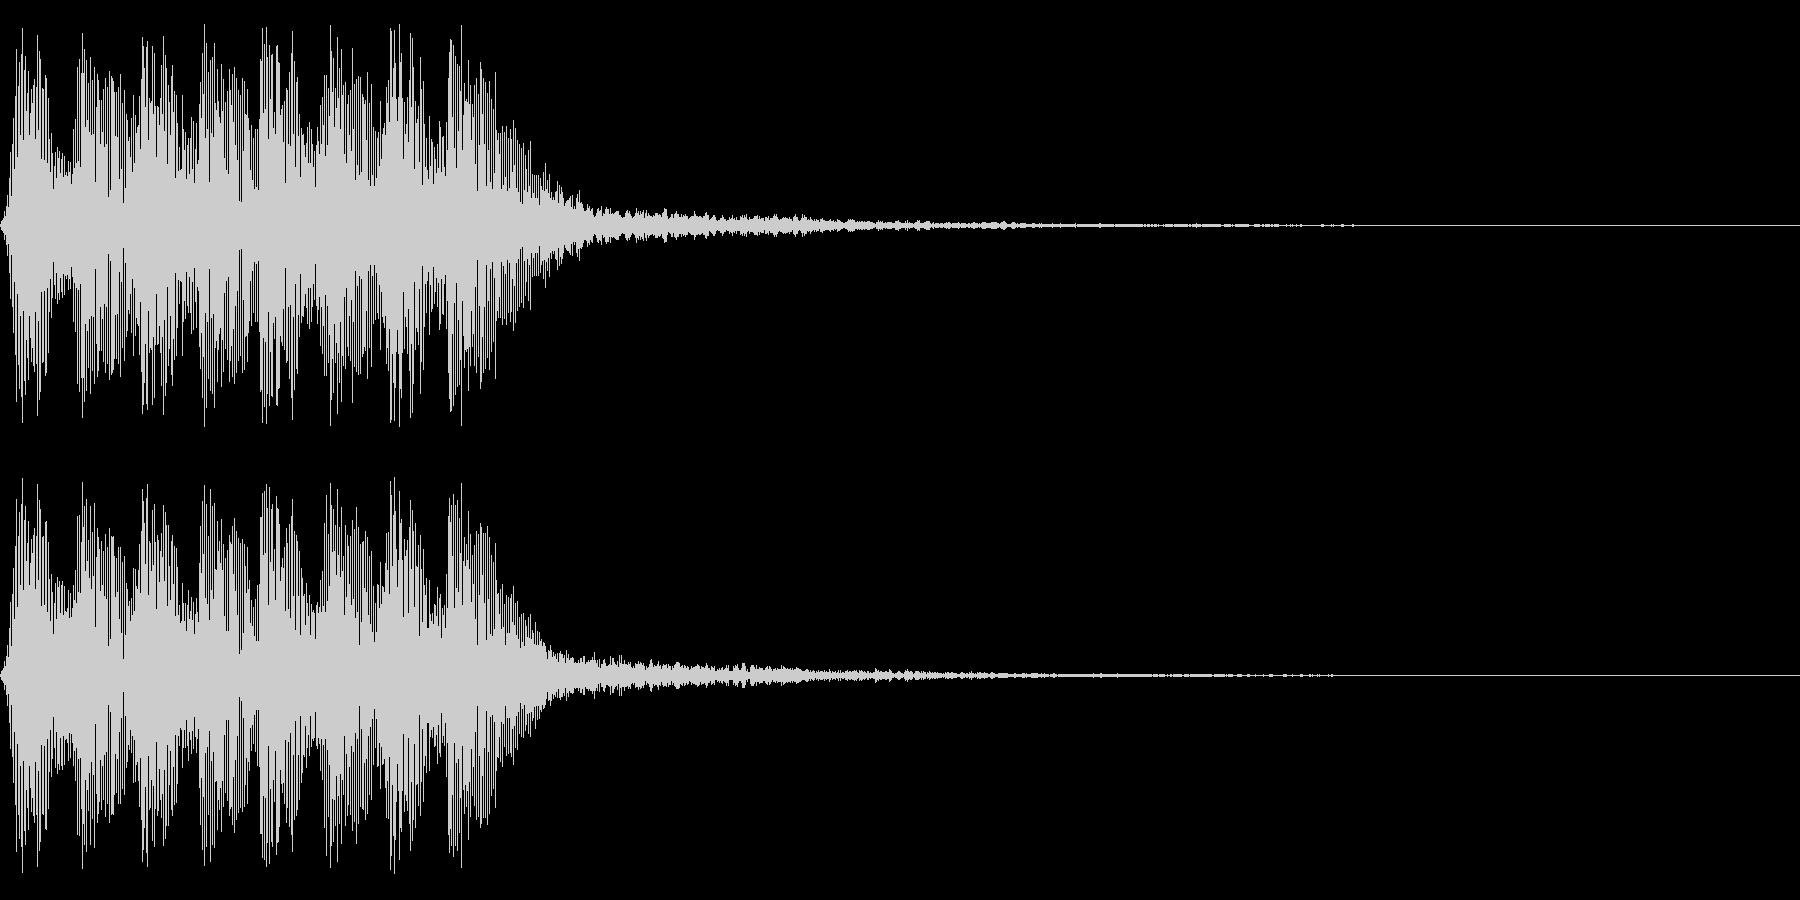 レトロなミス音 ゲームオーバー アラートの未再生の波形